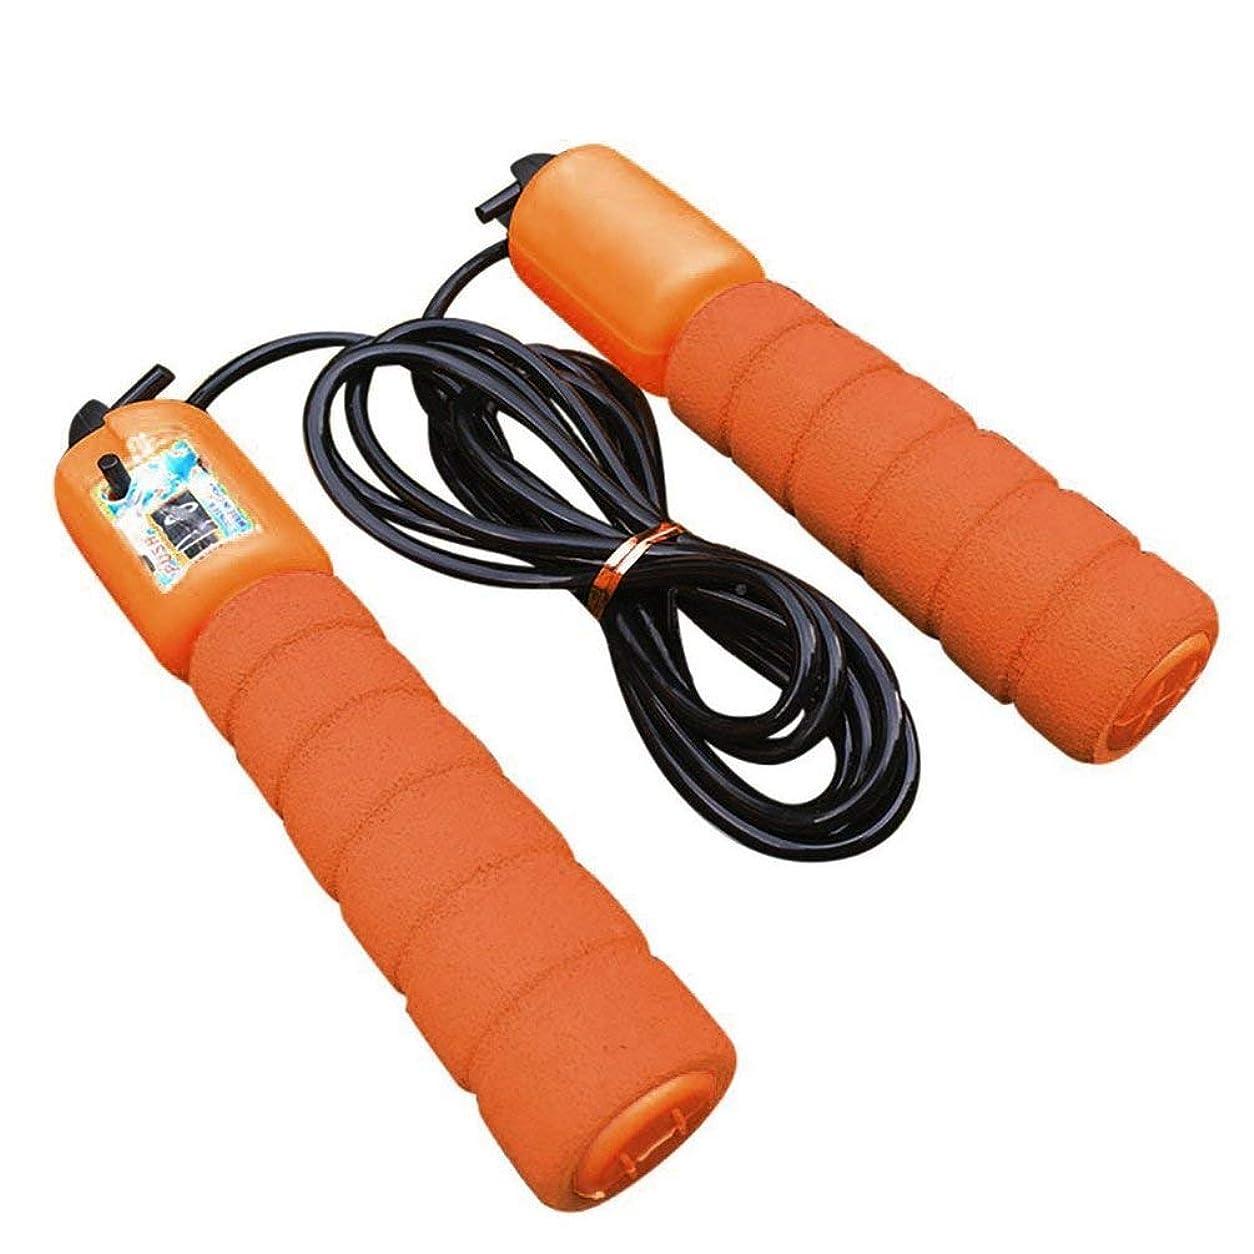 合金入浴能力調整可能なプロのカウント縄跳び自動カウントジャンプロープフィットネス運動高速カウントジャンプロープ - オレンジ